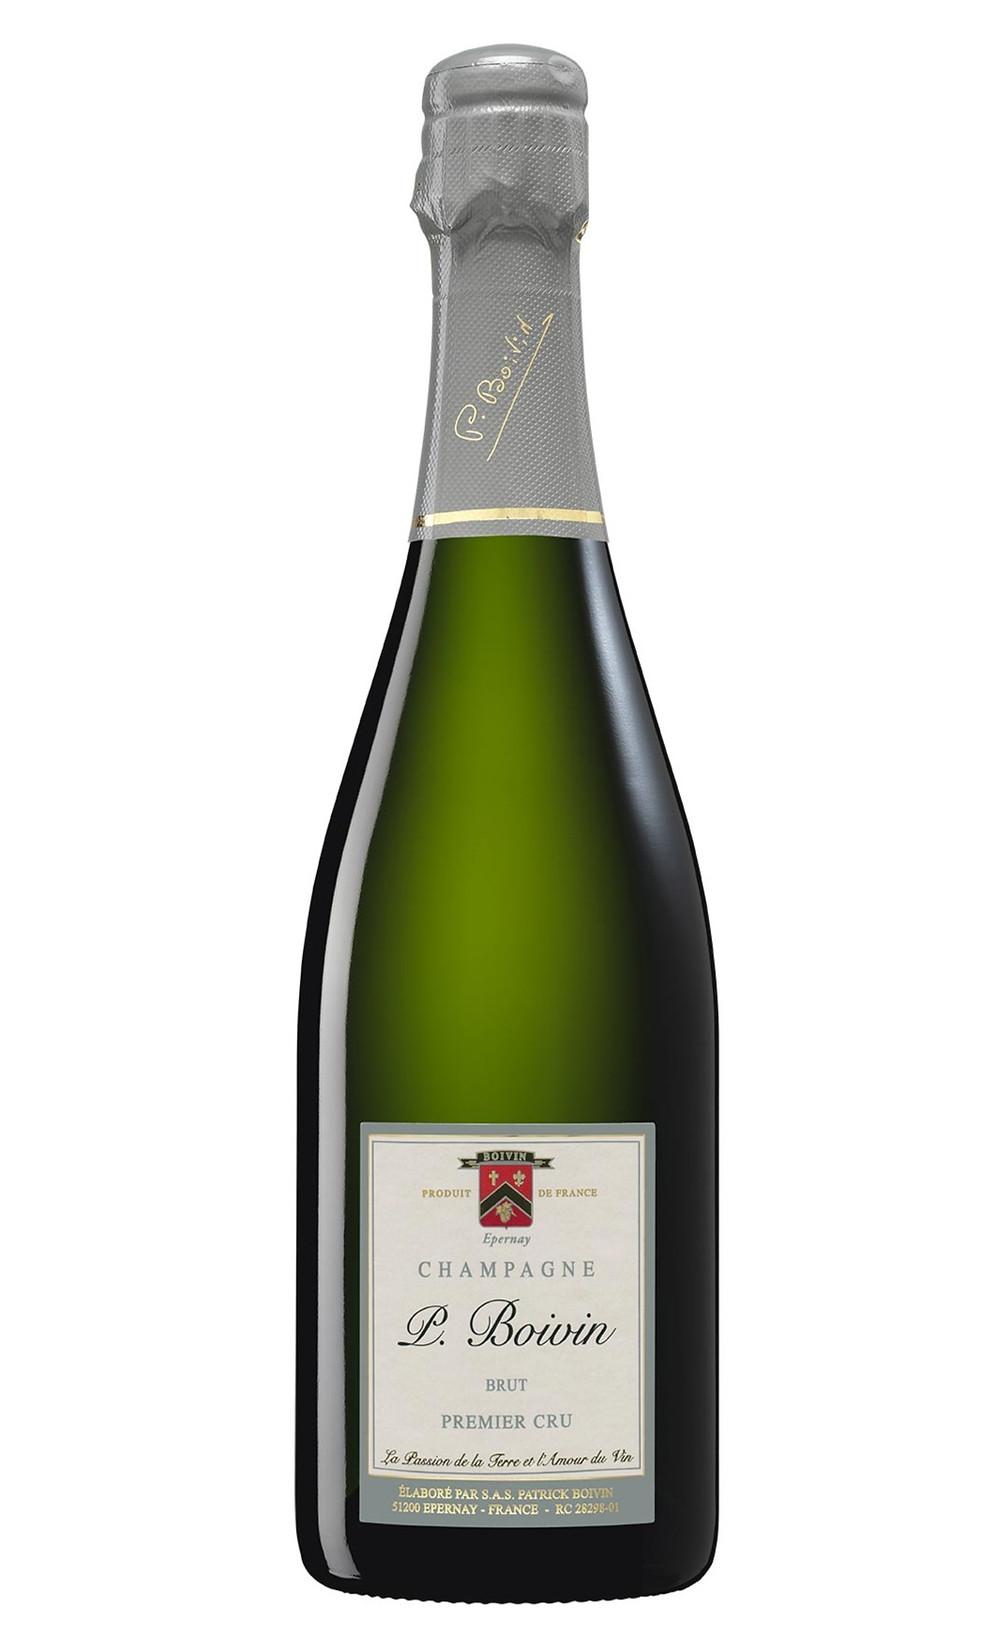 Champagne Blanc de Blanc Premier Cru Brut Maison Patrick Boivin, Wine Terroir Importazione Distribuzione Vino